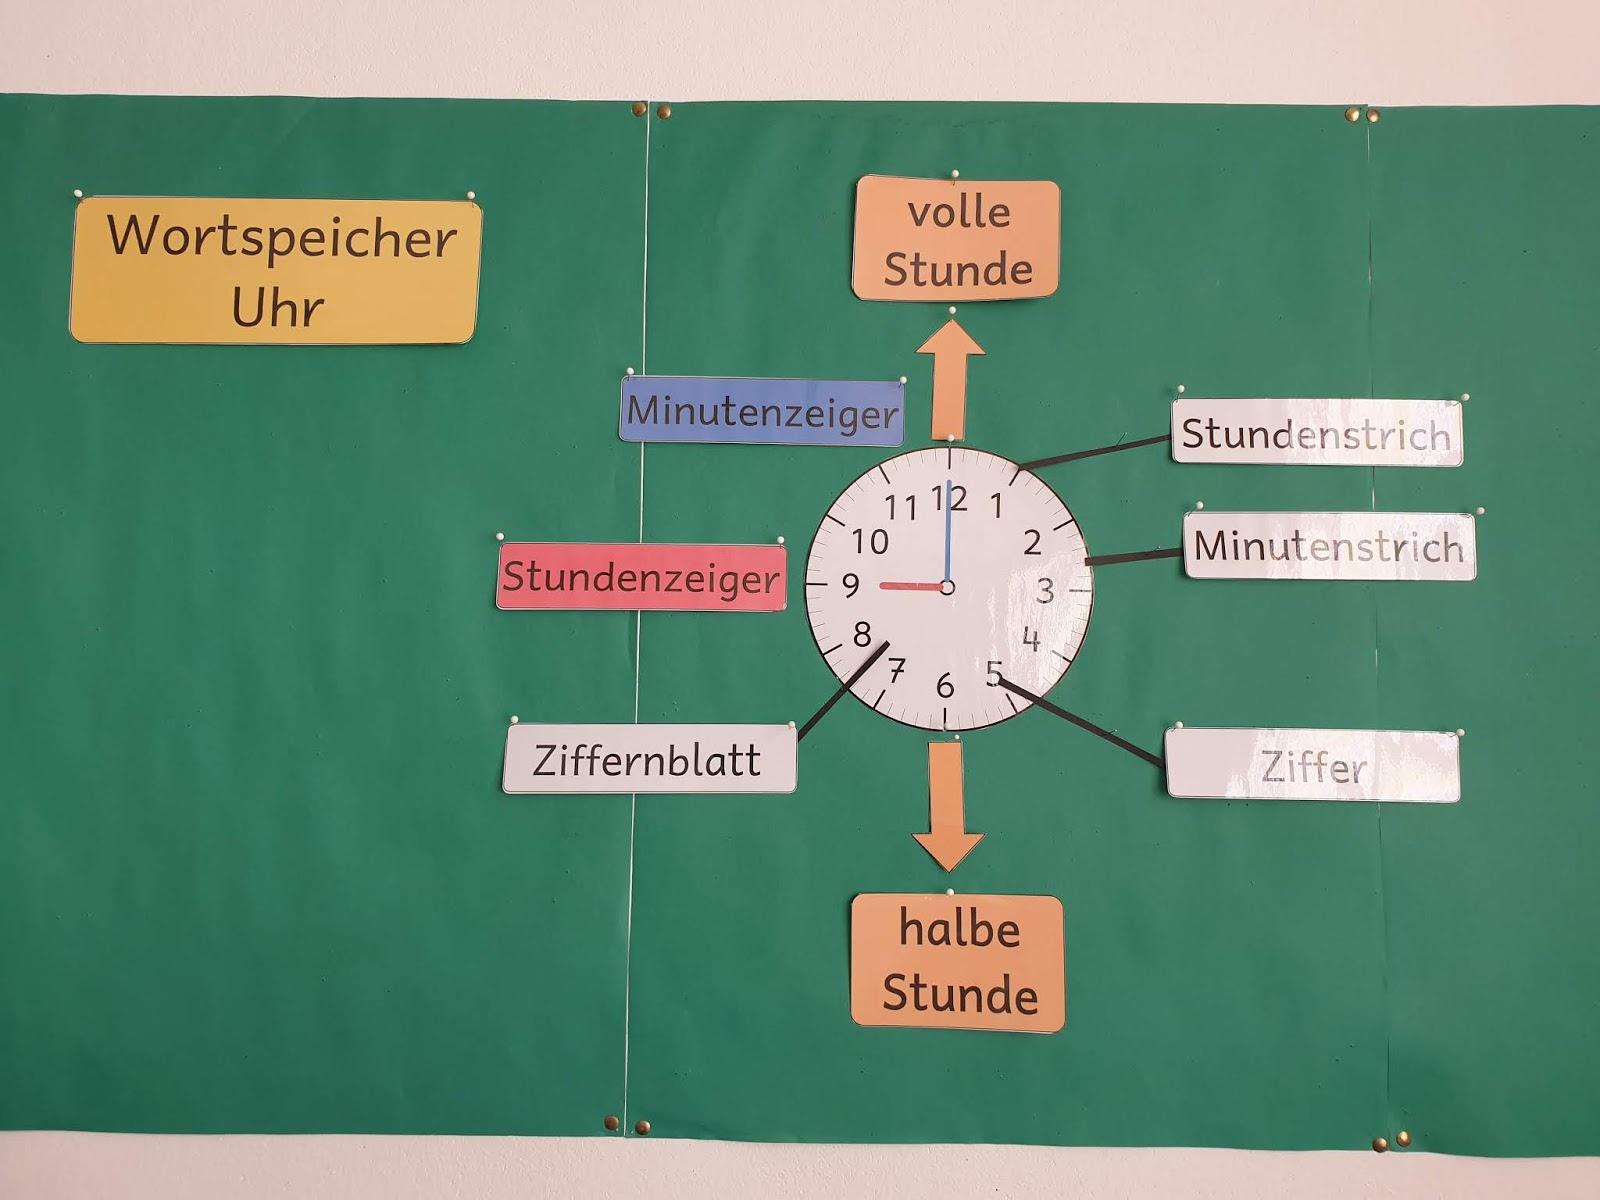 Grundschultante Wortspeicher Uhr